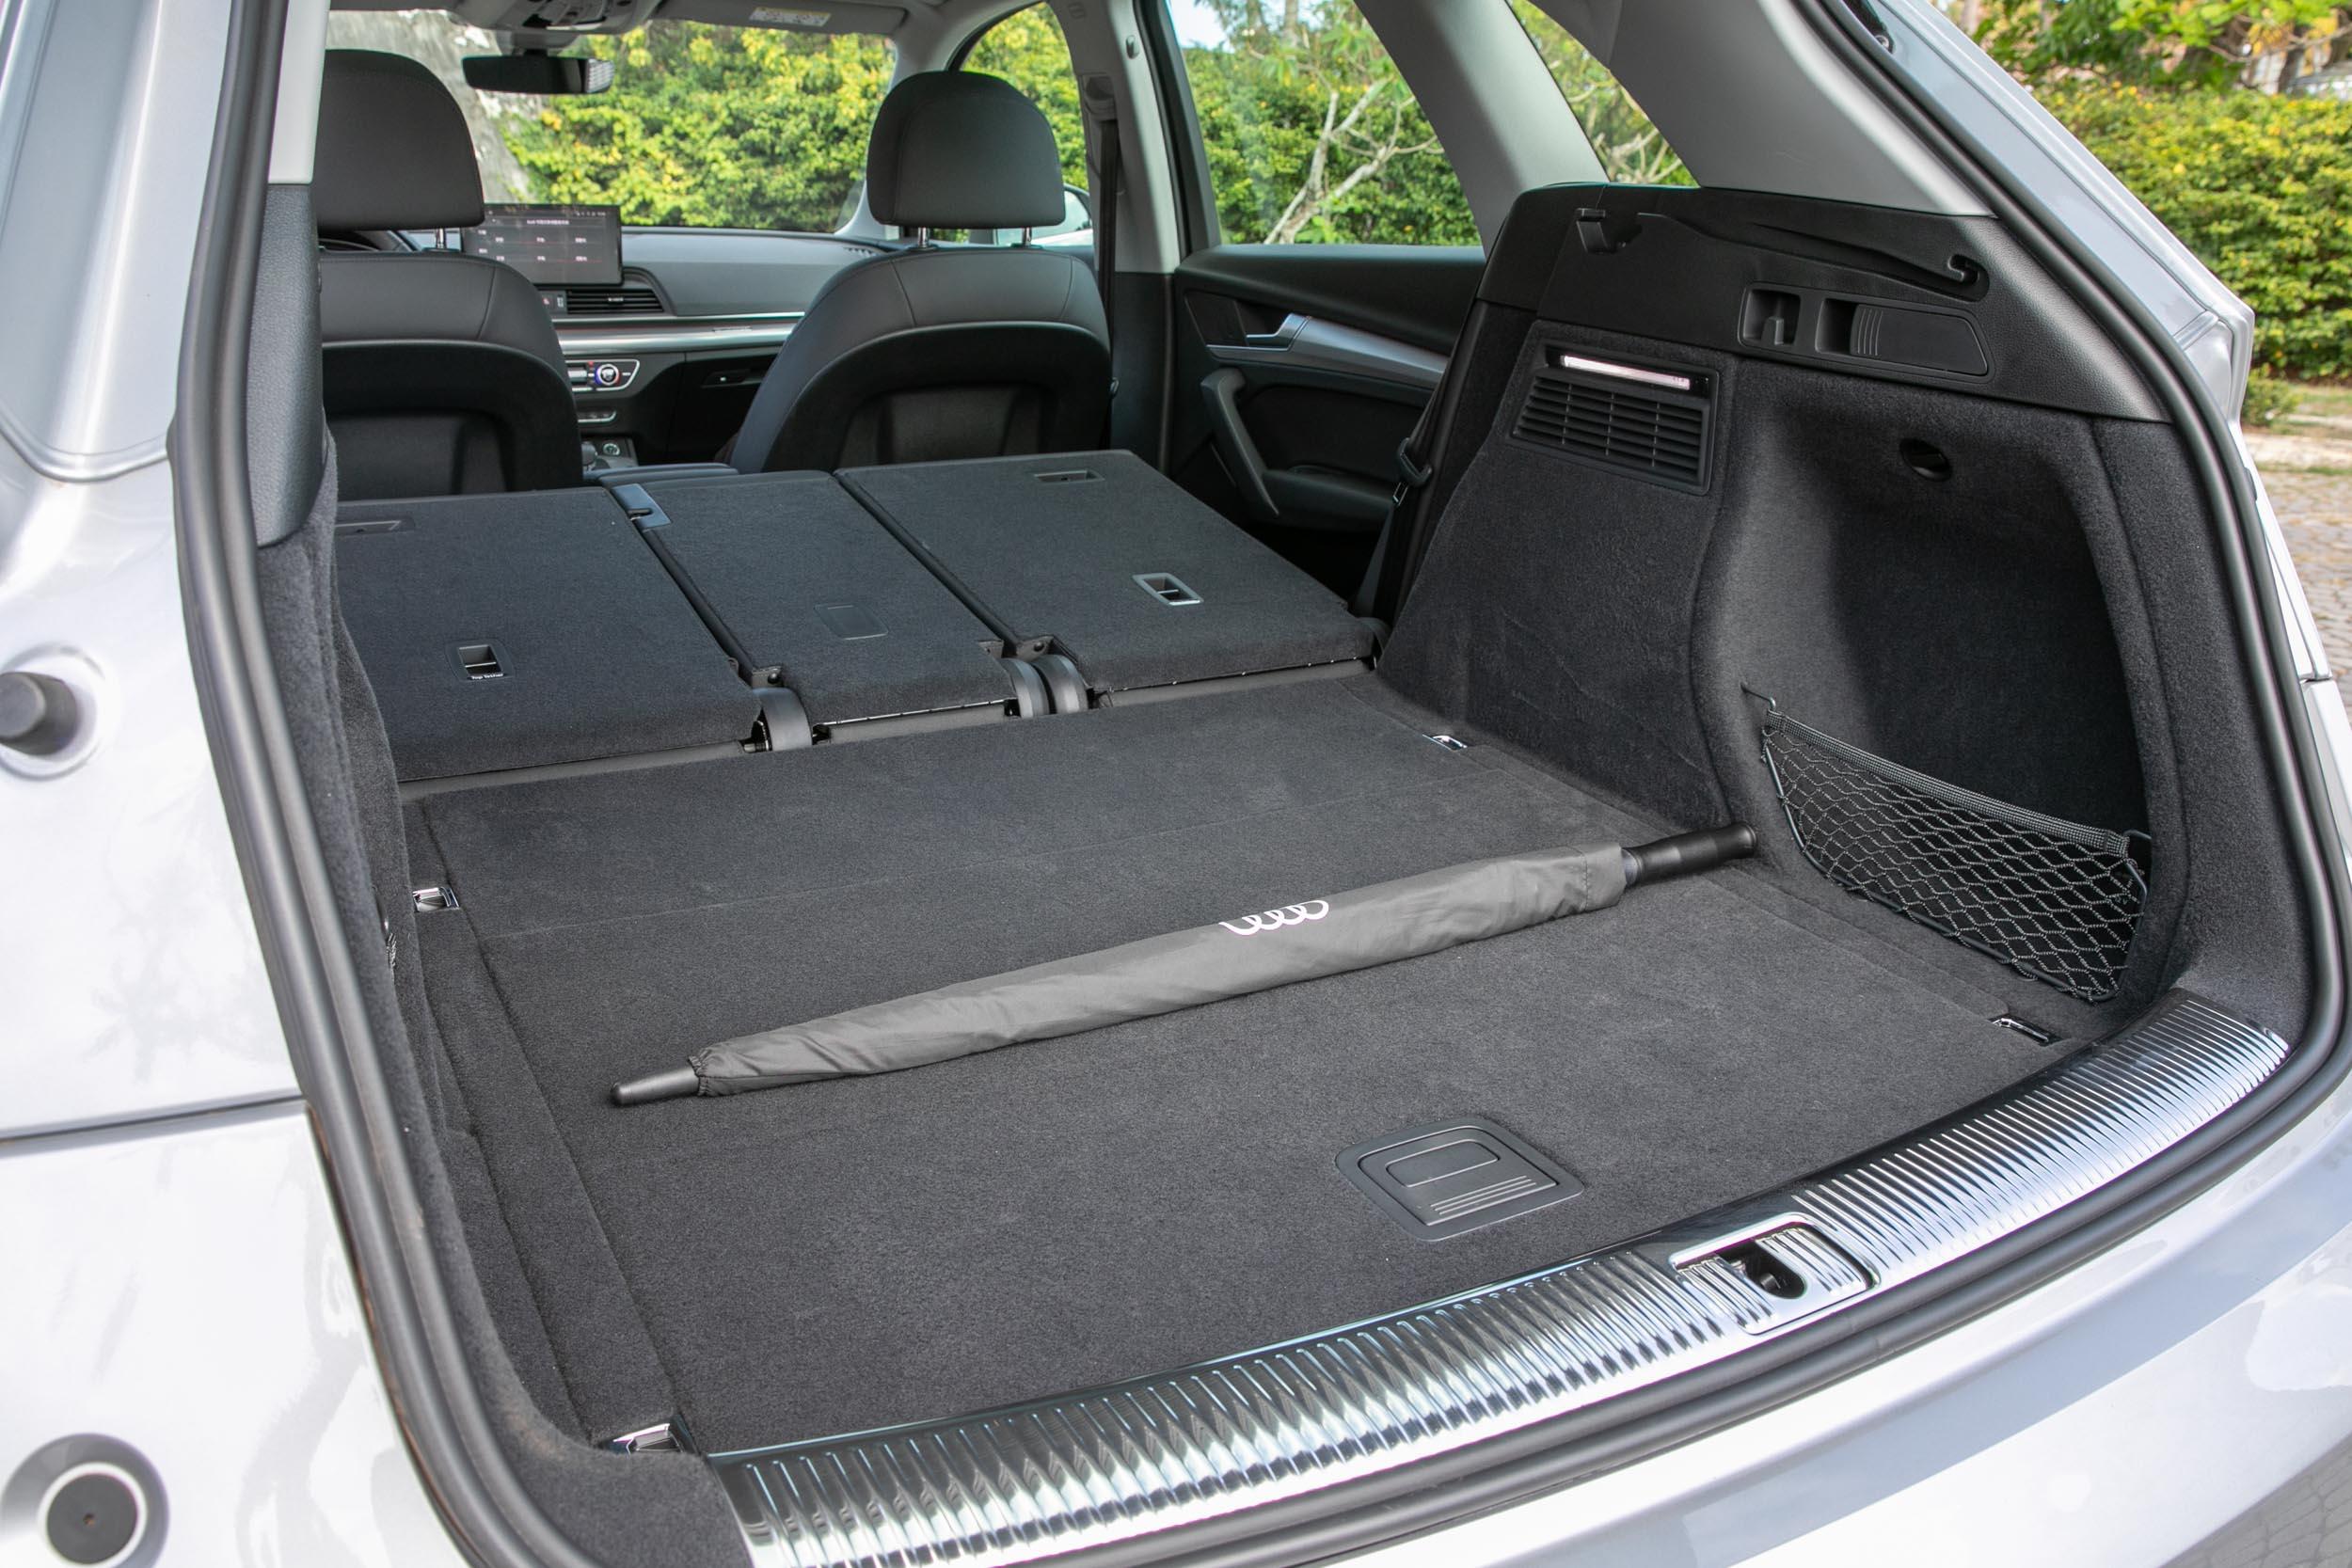 後座椅背傾倒後,最大置物容積可達 1520 公升。